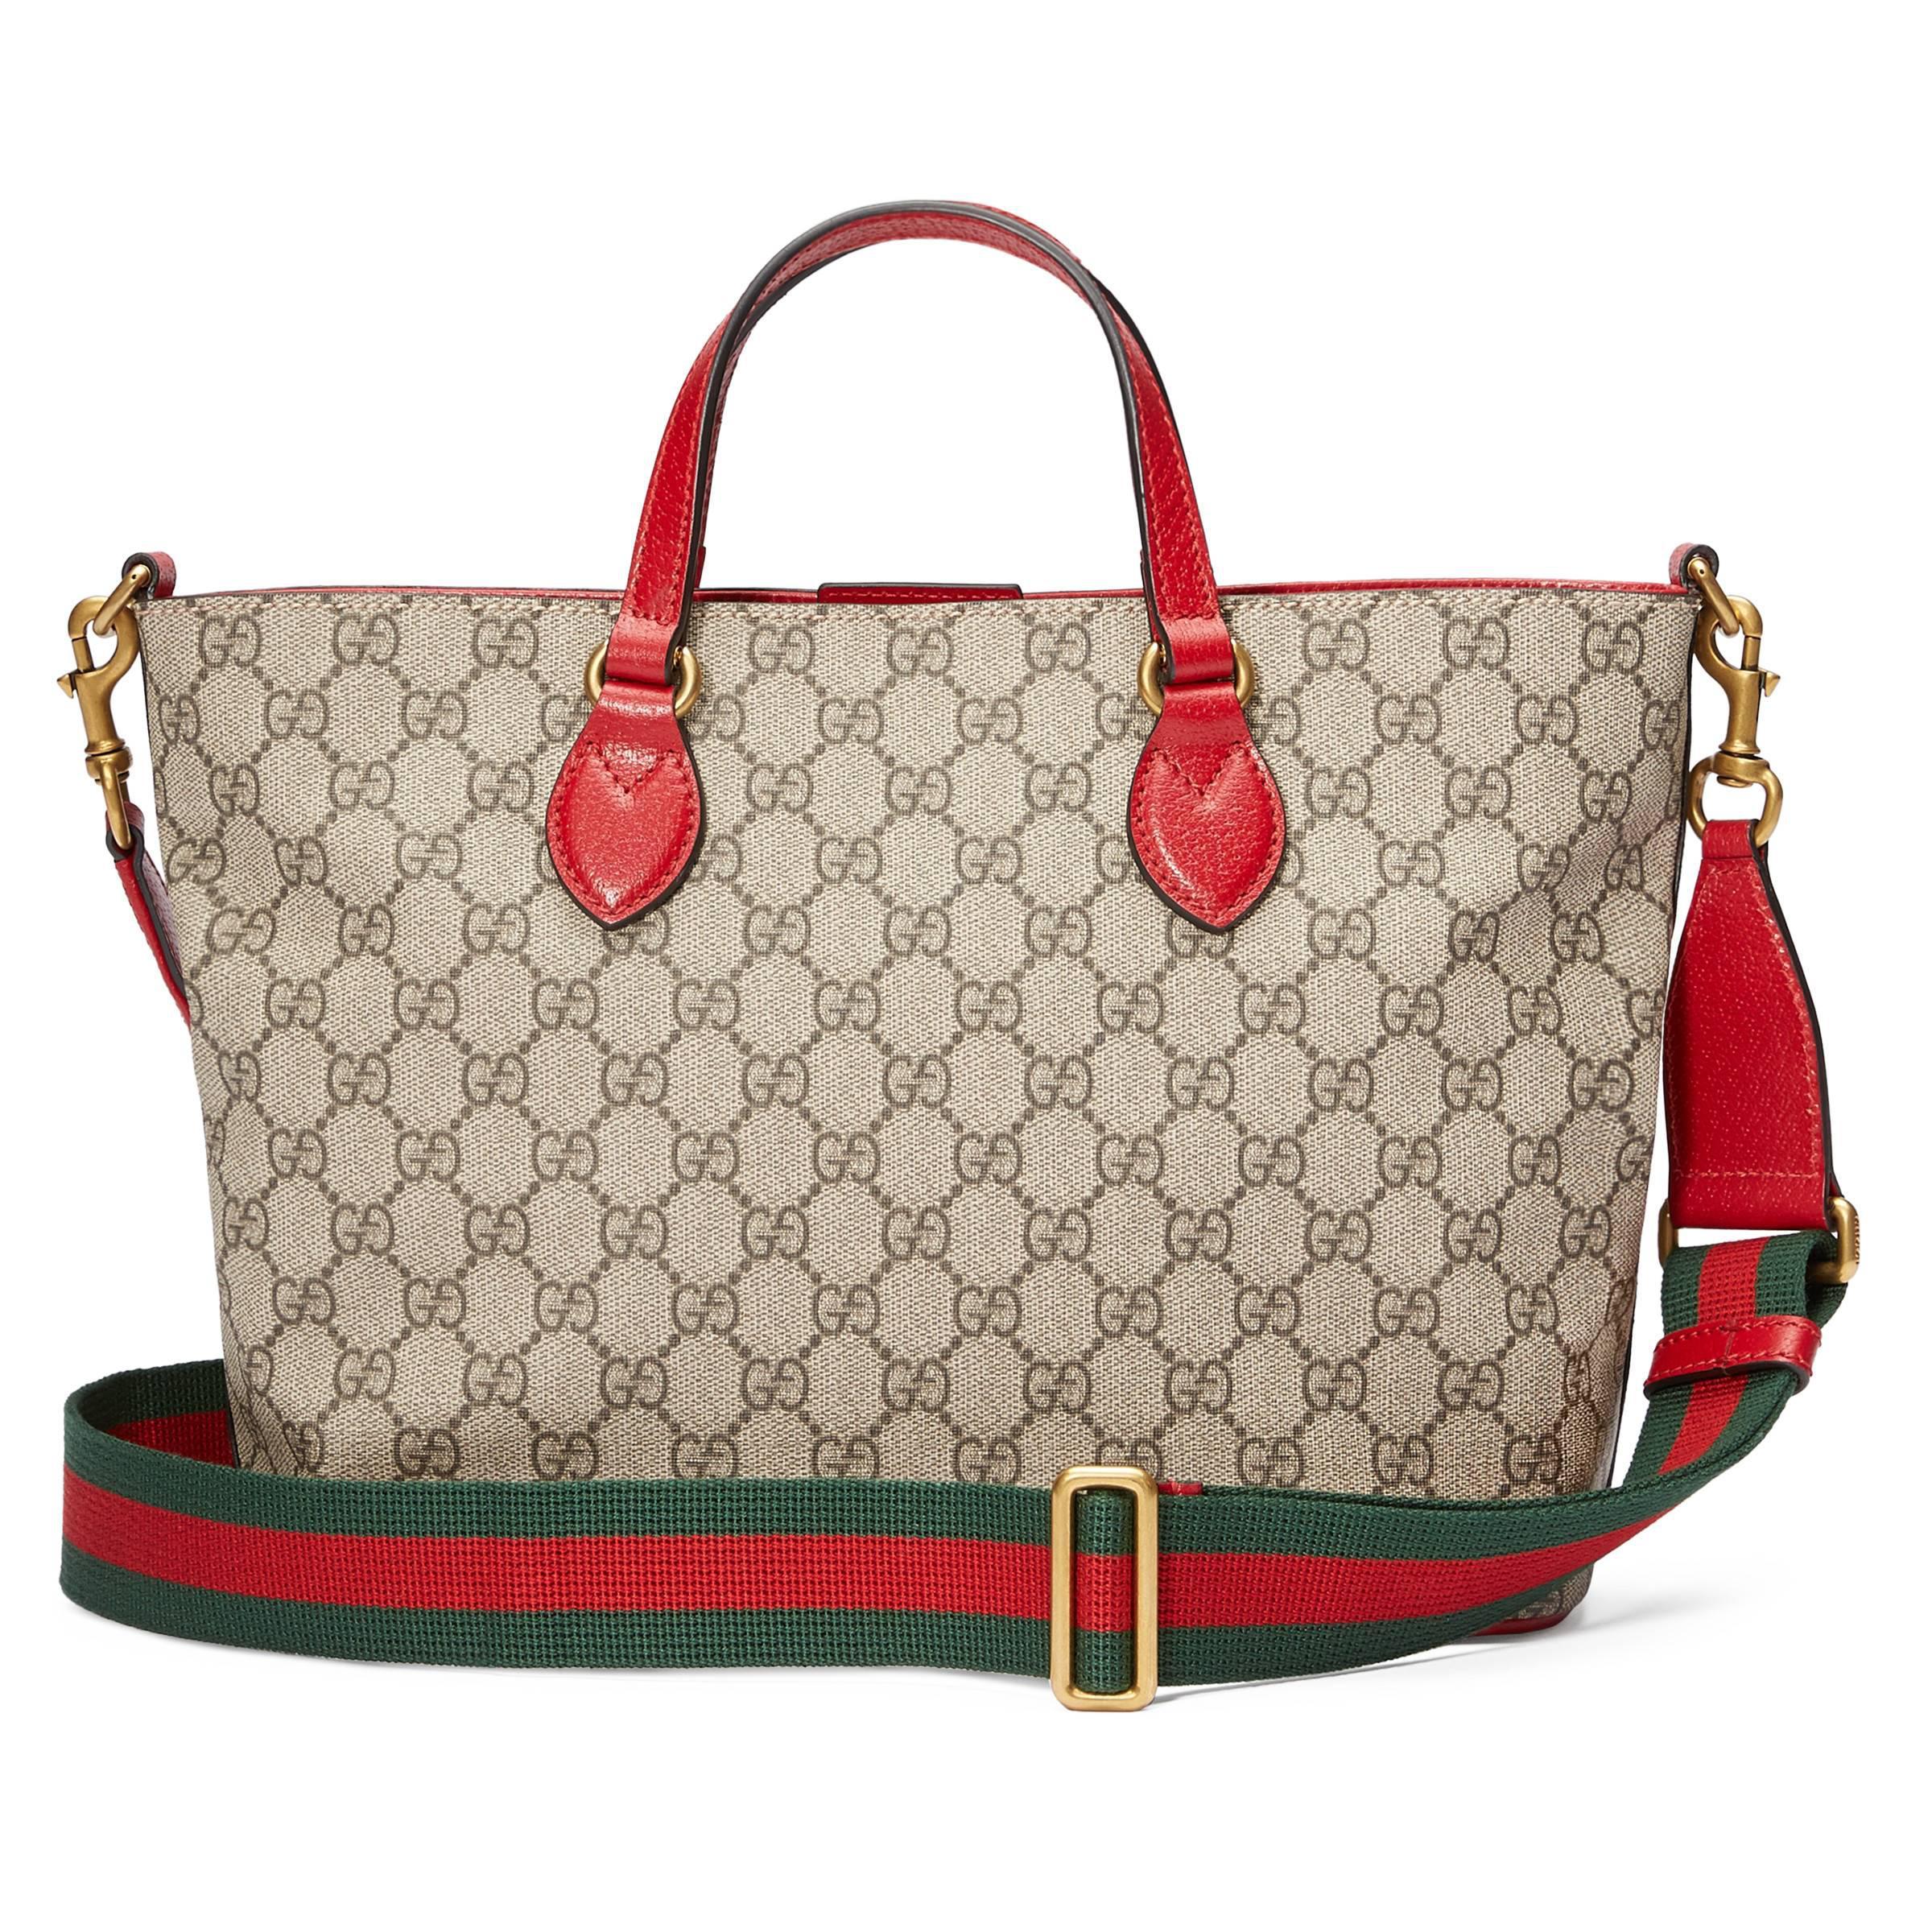 ed146dd445c5 Gucci - Natural GG Supreme Bosco Tote - Lyst. View fullscreen